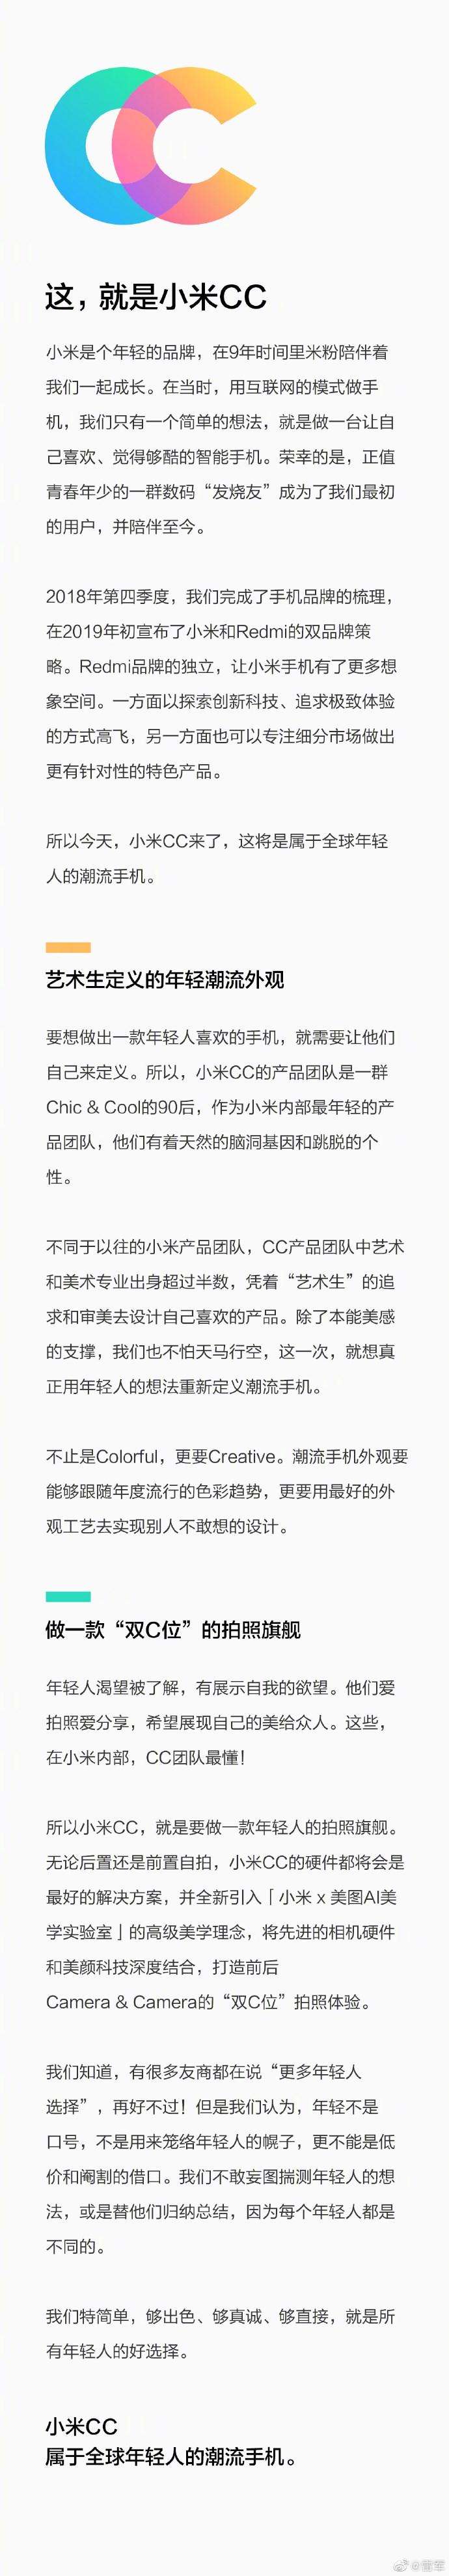 小米CC新品官宣是怎么回事?小米CC新品官宣说了什么?